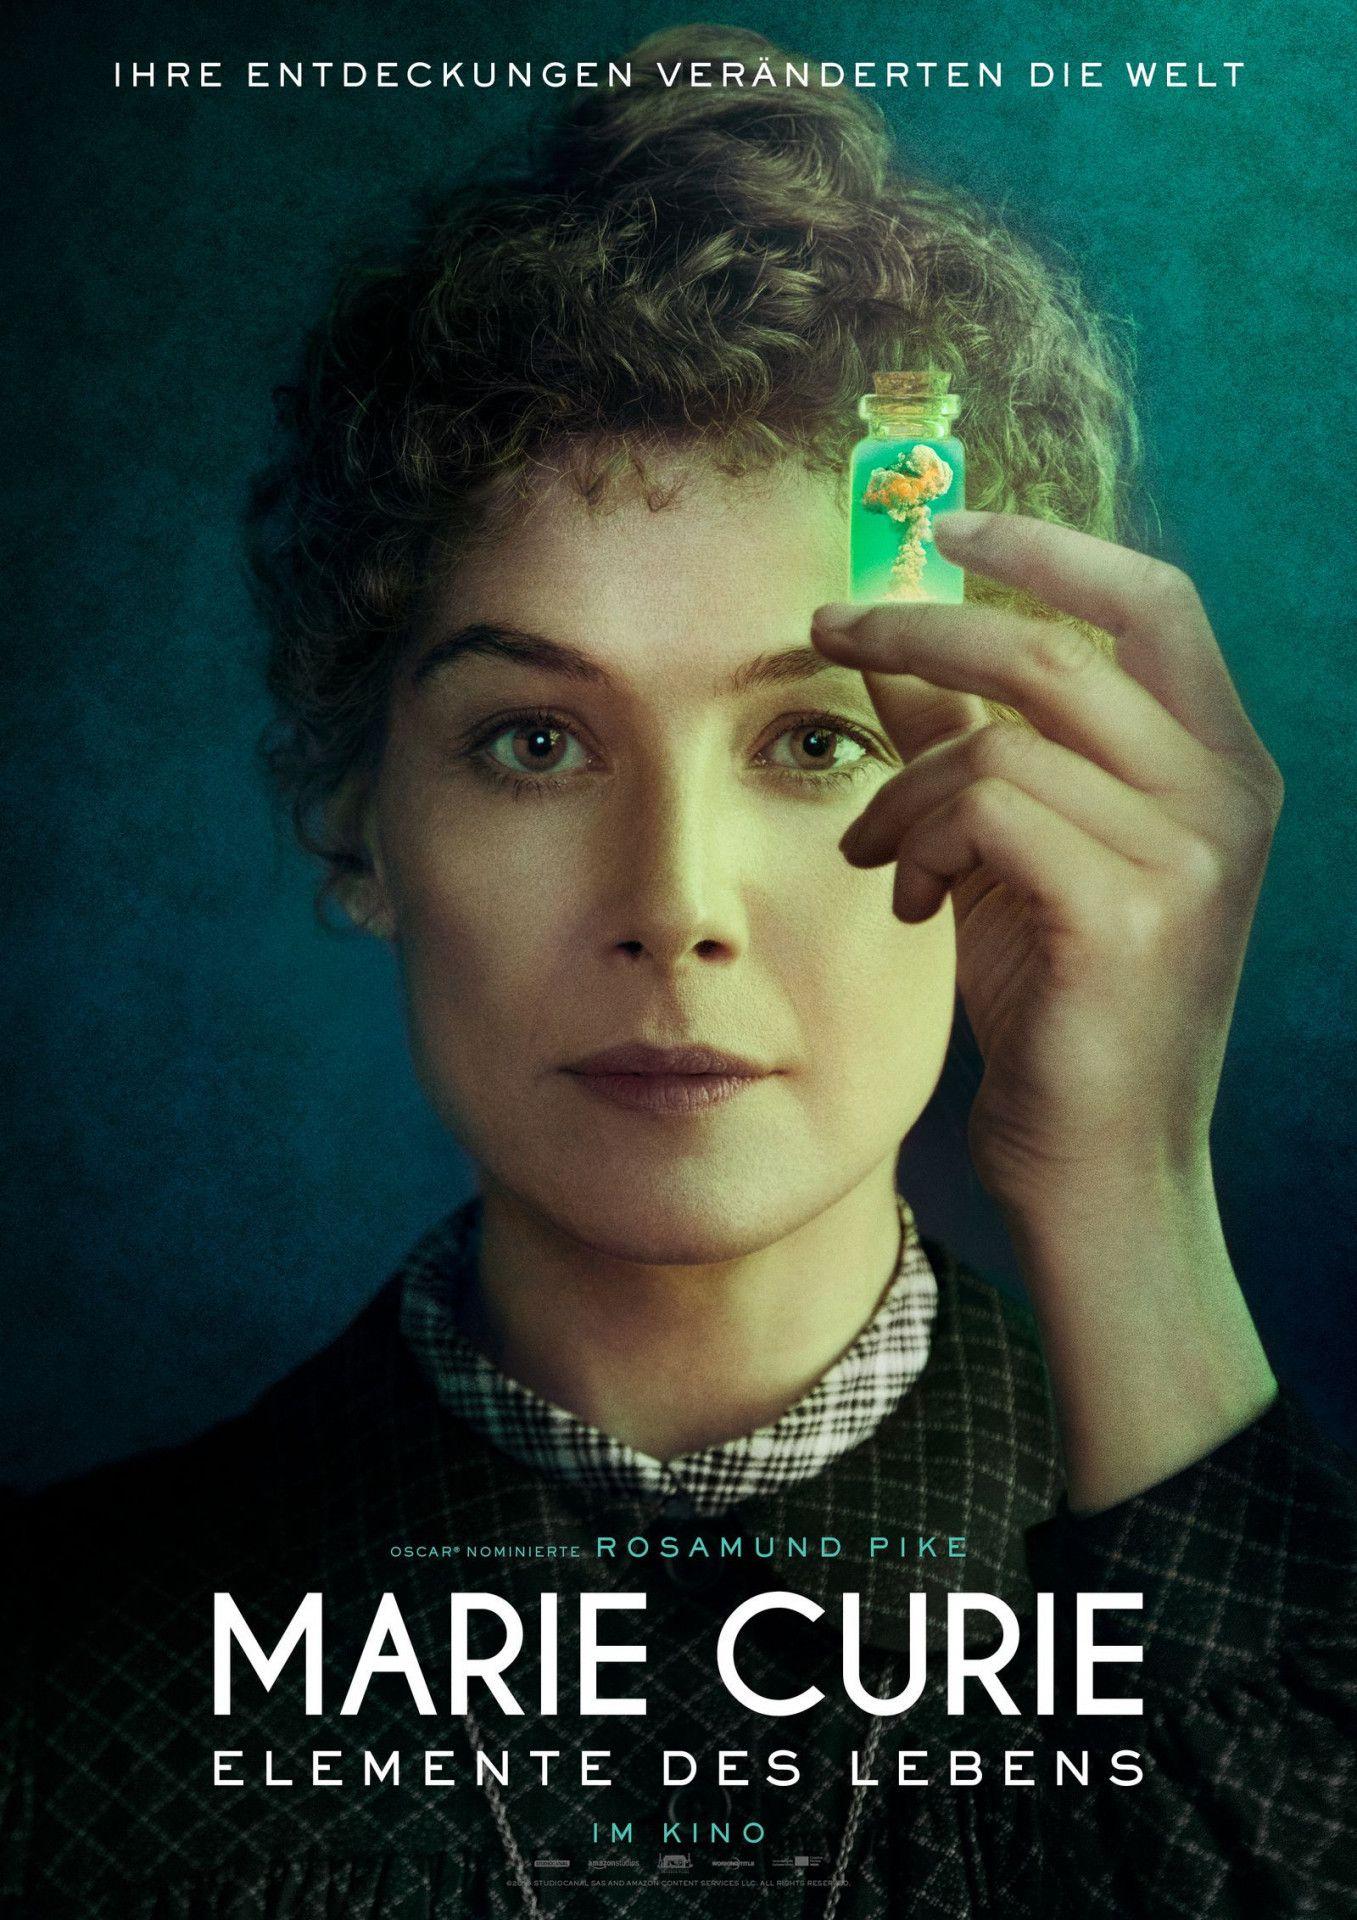 """Das Biopic """"Marie Curie - Elemente des Lebens"""" schildert Liebe und Forschung der Nobelpreisträger Marie und Pierre Curie. Ihre Entdeckung der Radioaktivität hat die Medizin revolutioniert - aber auch die Atombombe hervorgebracht."""